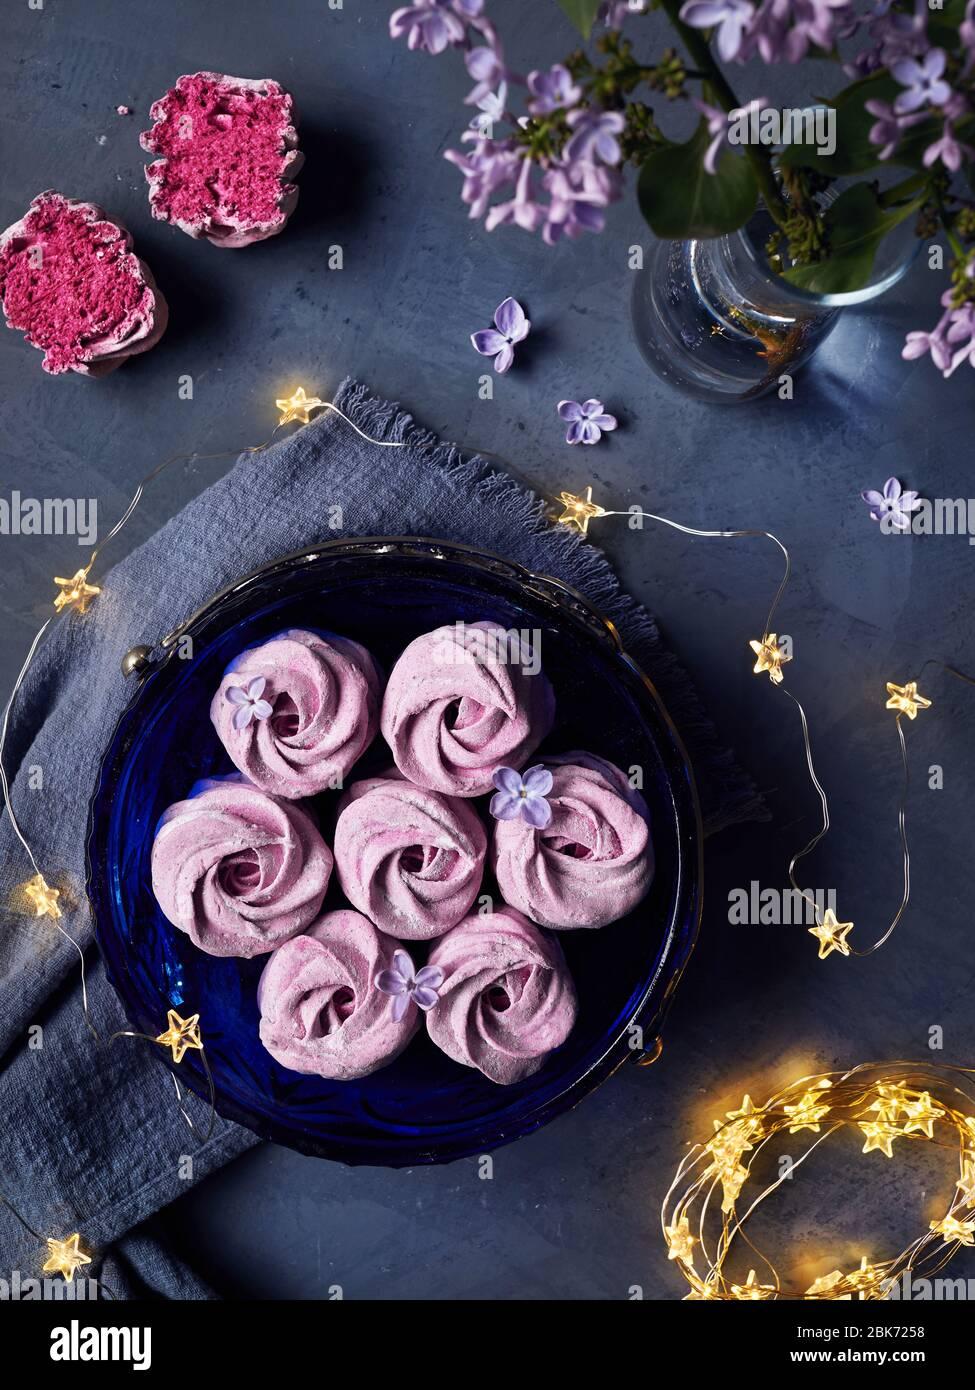 Atmosphärisch violett süß hausgemachte Zephyr oder Marshmallow aus schwarzen Johannisbeeren in der Nähe lila Blumen und magische Sterne Lichter auf dunklem Hintergrund Draufsicht Stockfoto